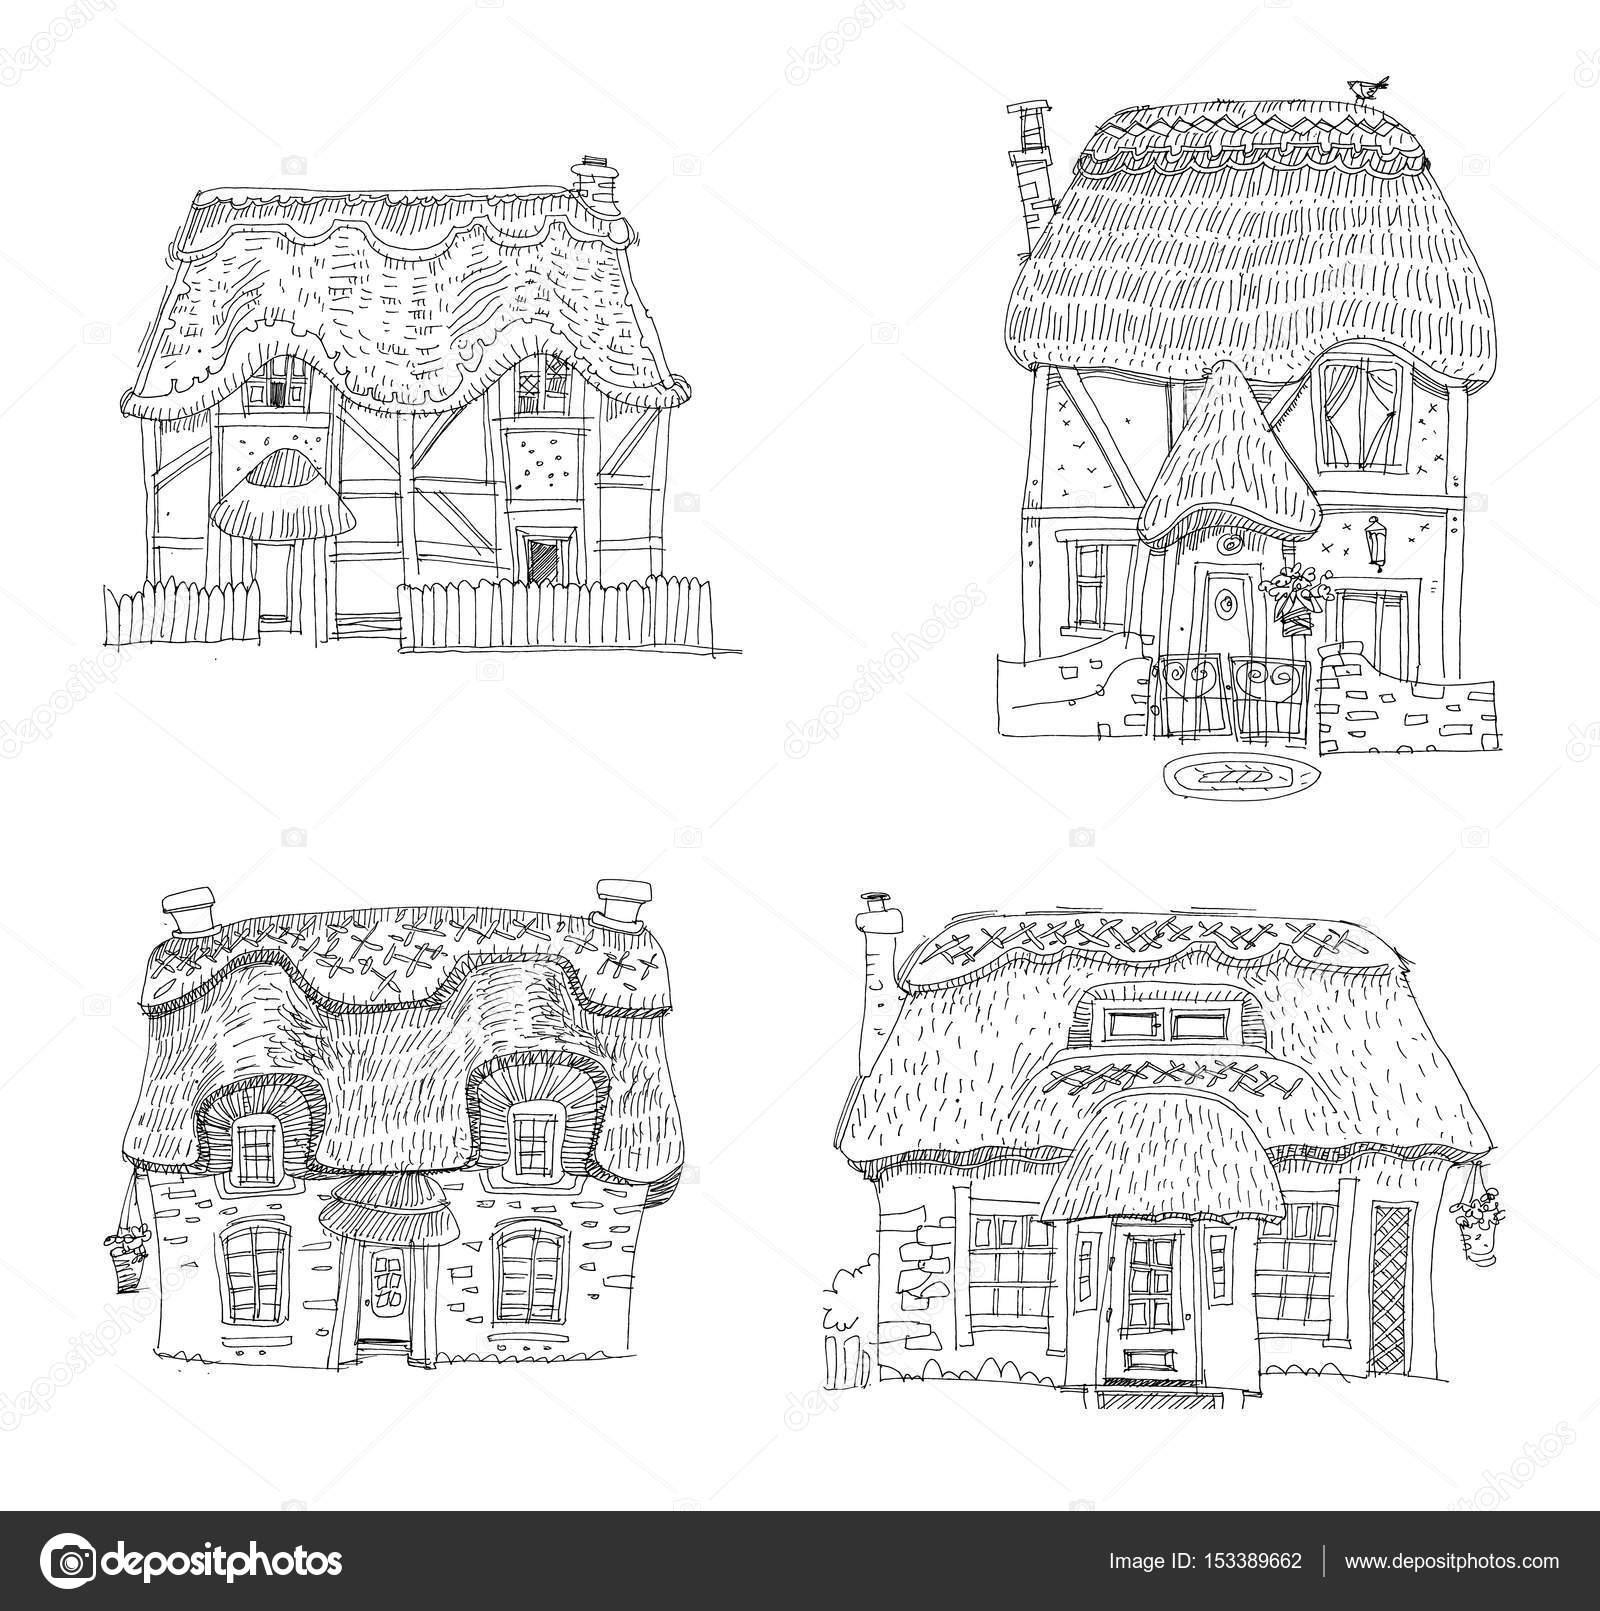 Couvert de paille traditionnelle maison vintage dessin animé coloriages vecteur par